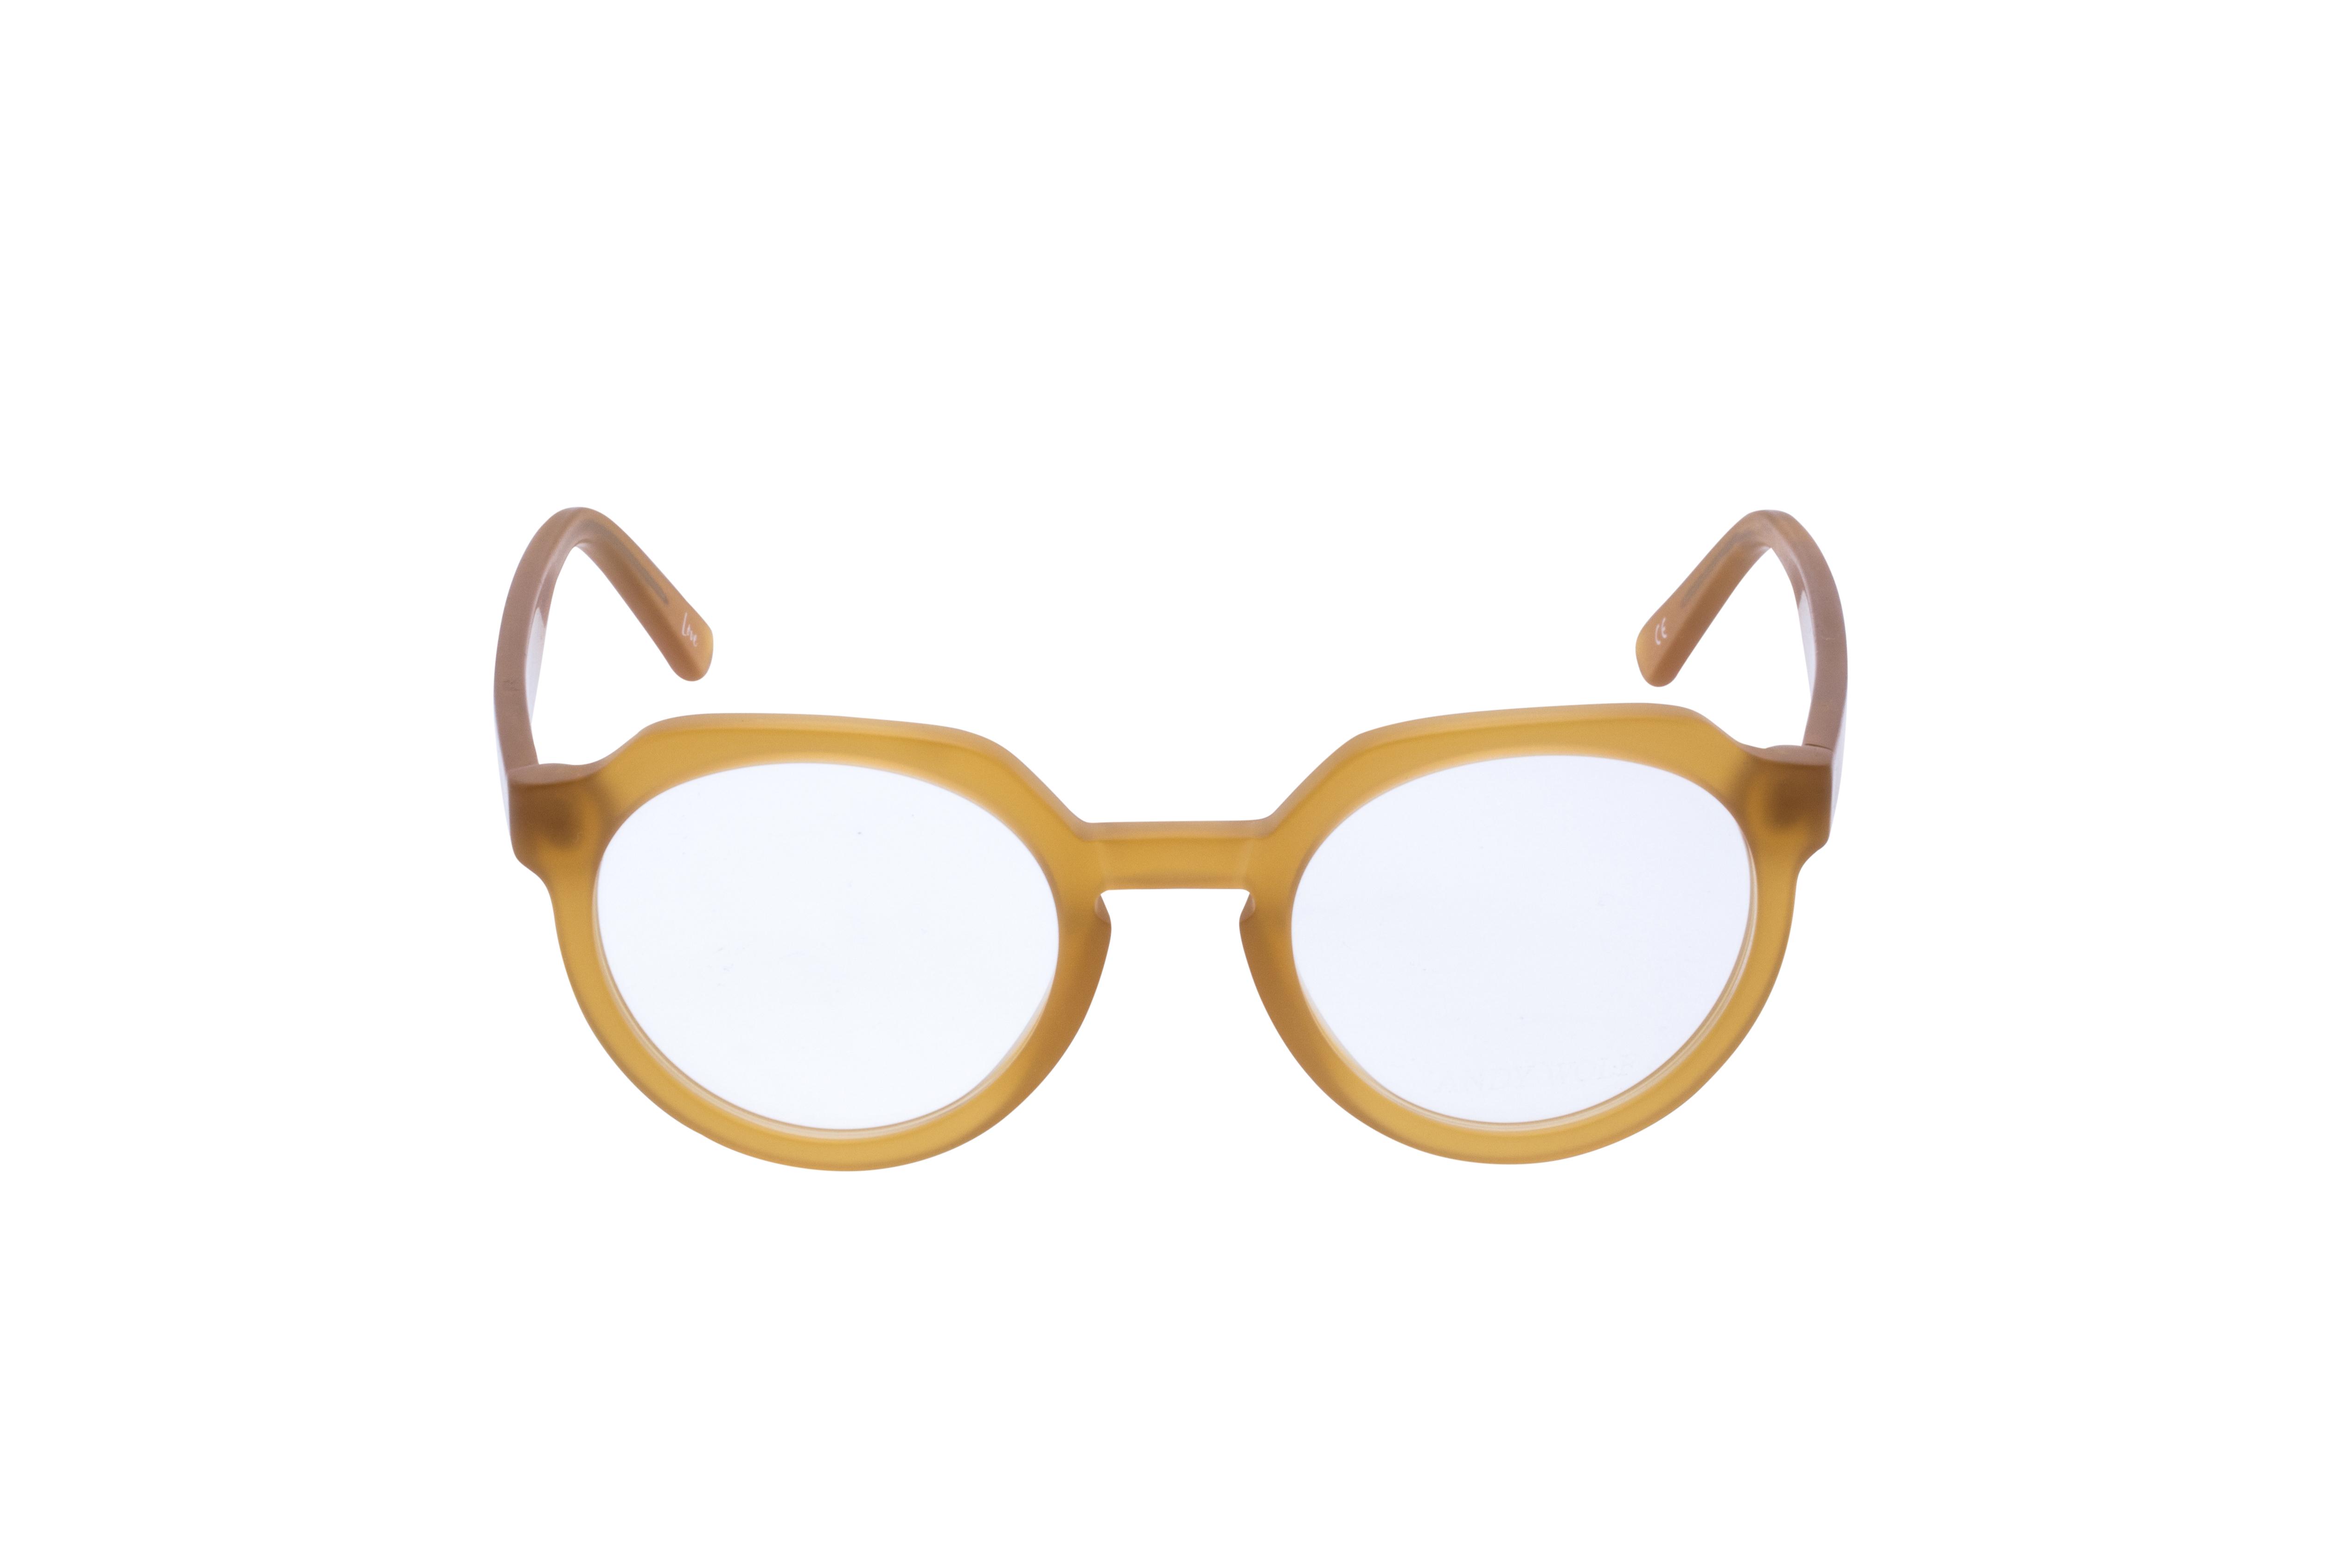 Andy Wolf 4570 Frontansicht, Brille auf Weiß